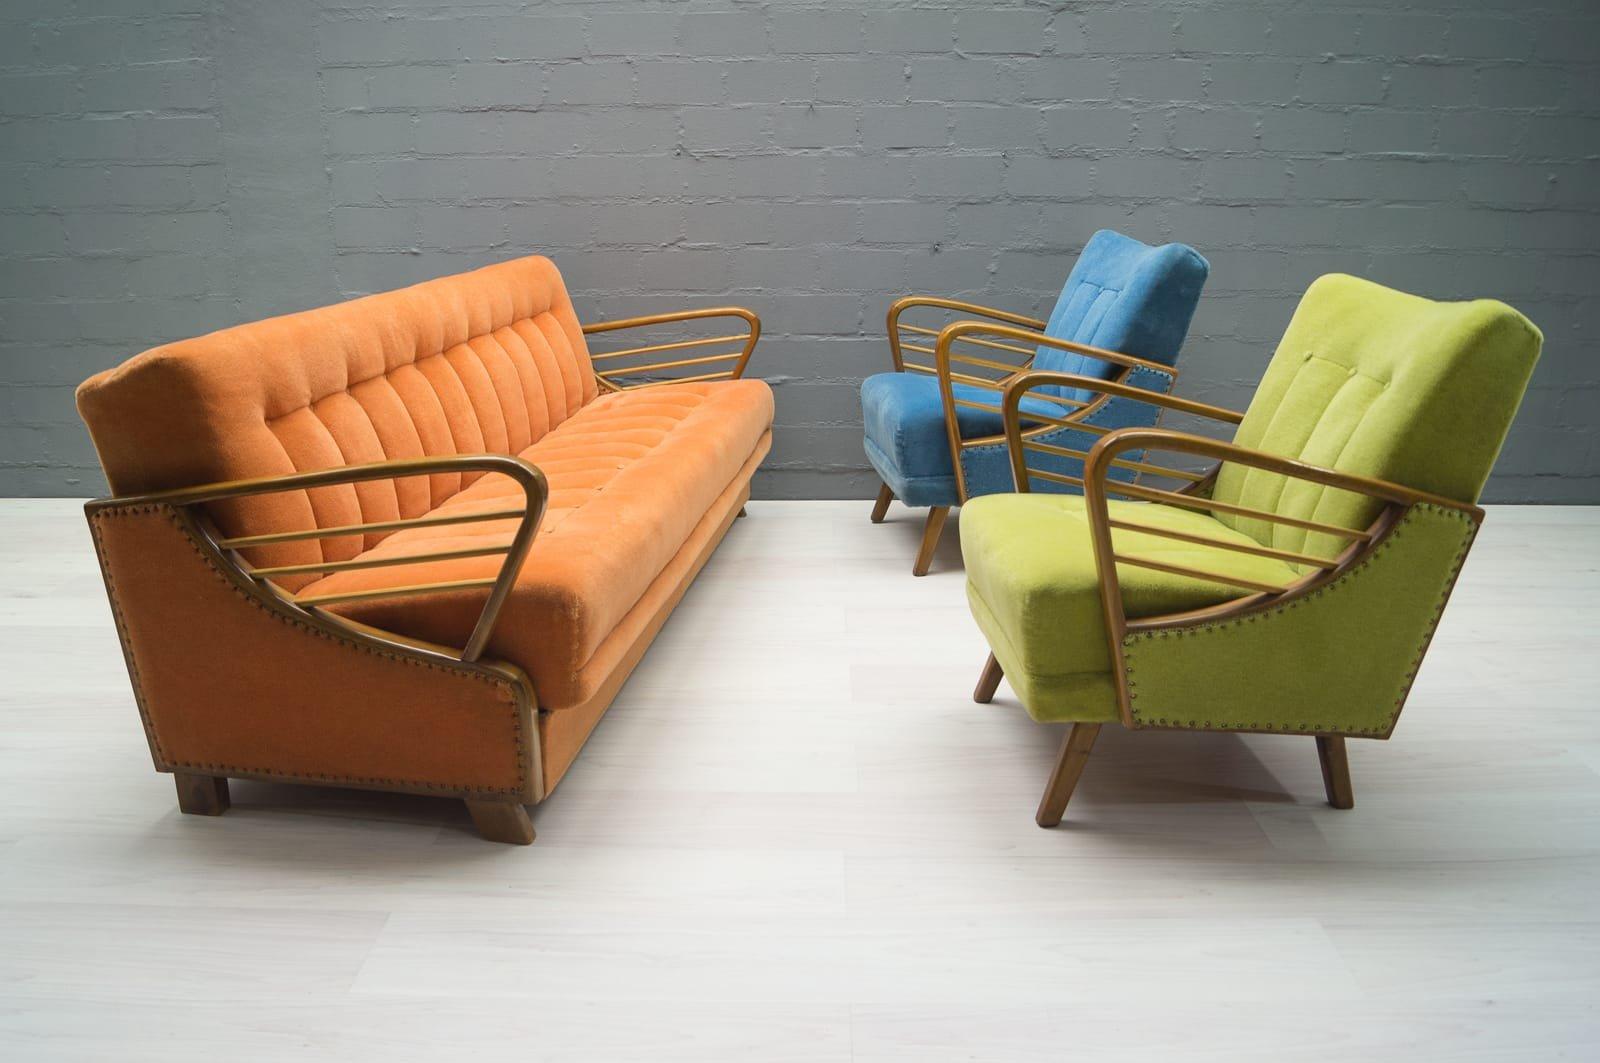 Divano letto vintage arancione anni 39 50 in vendita su pamono for Divano anni 50